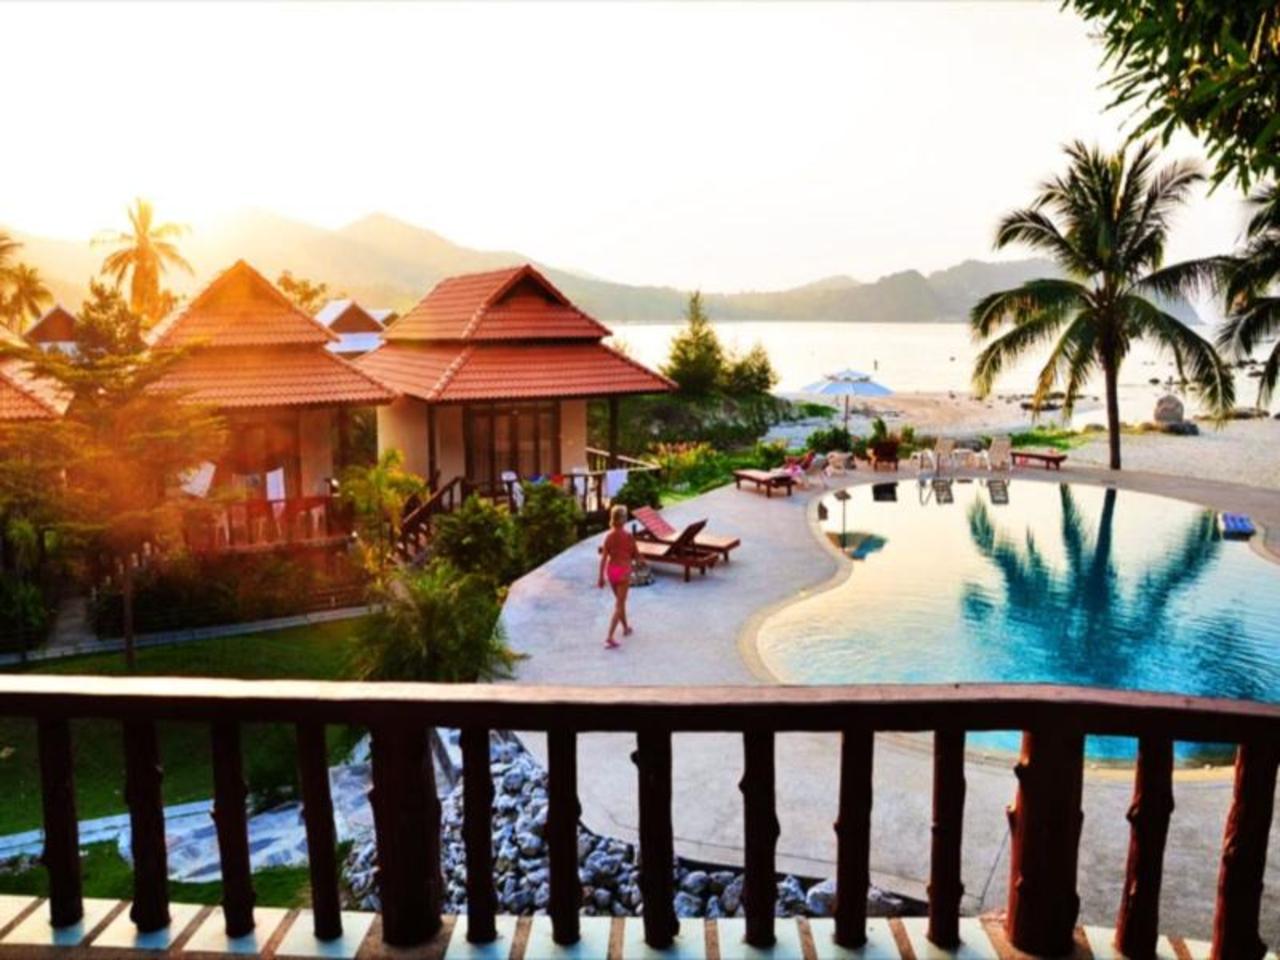 บุรีธารา รีสอร์ท แอนด์ สปา (Buritara Resort and Spa)